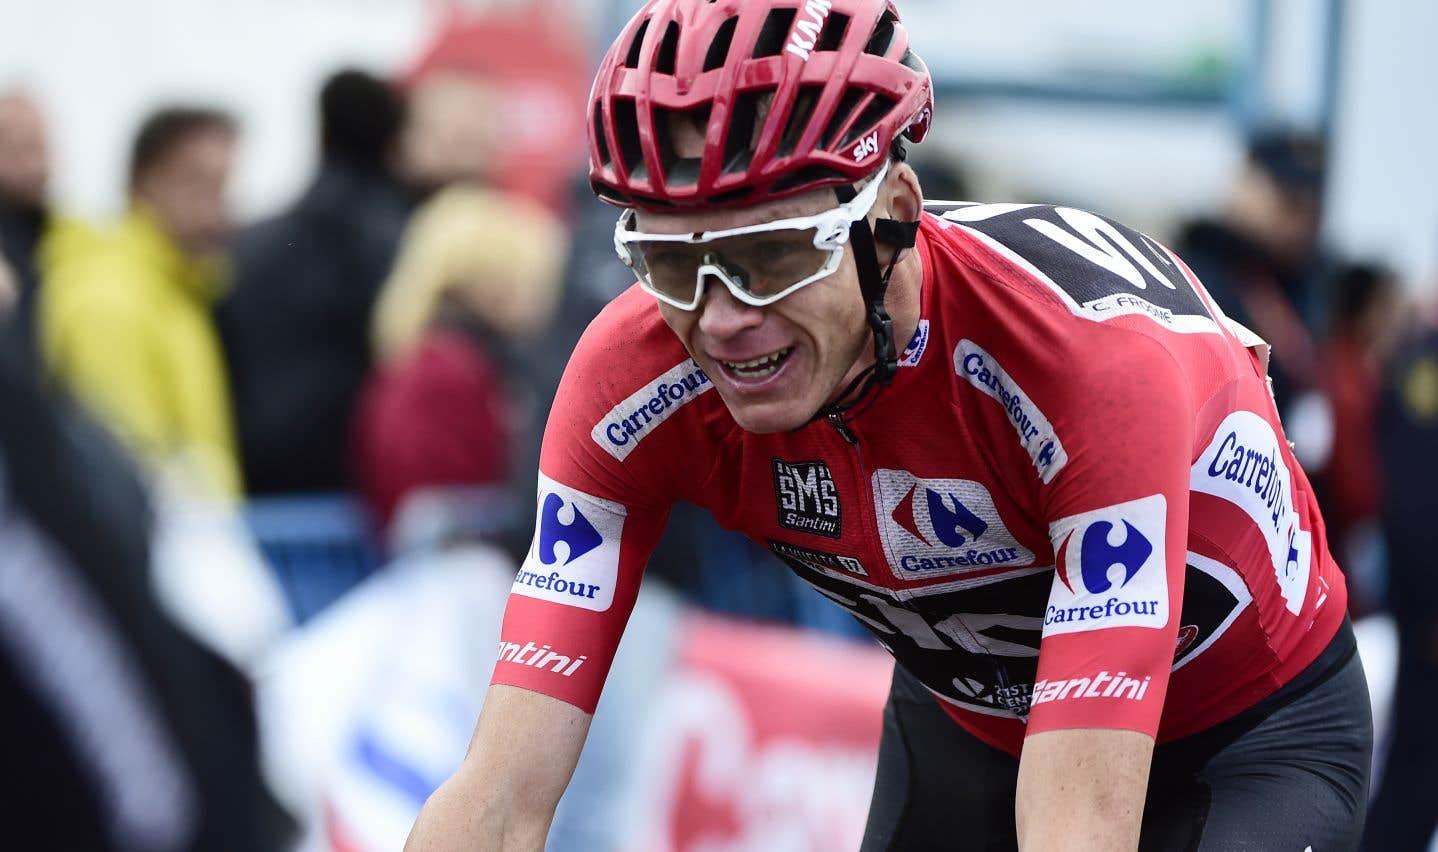 Chris Froome a enlevé les honneurs de la Vuelta cette année.